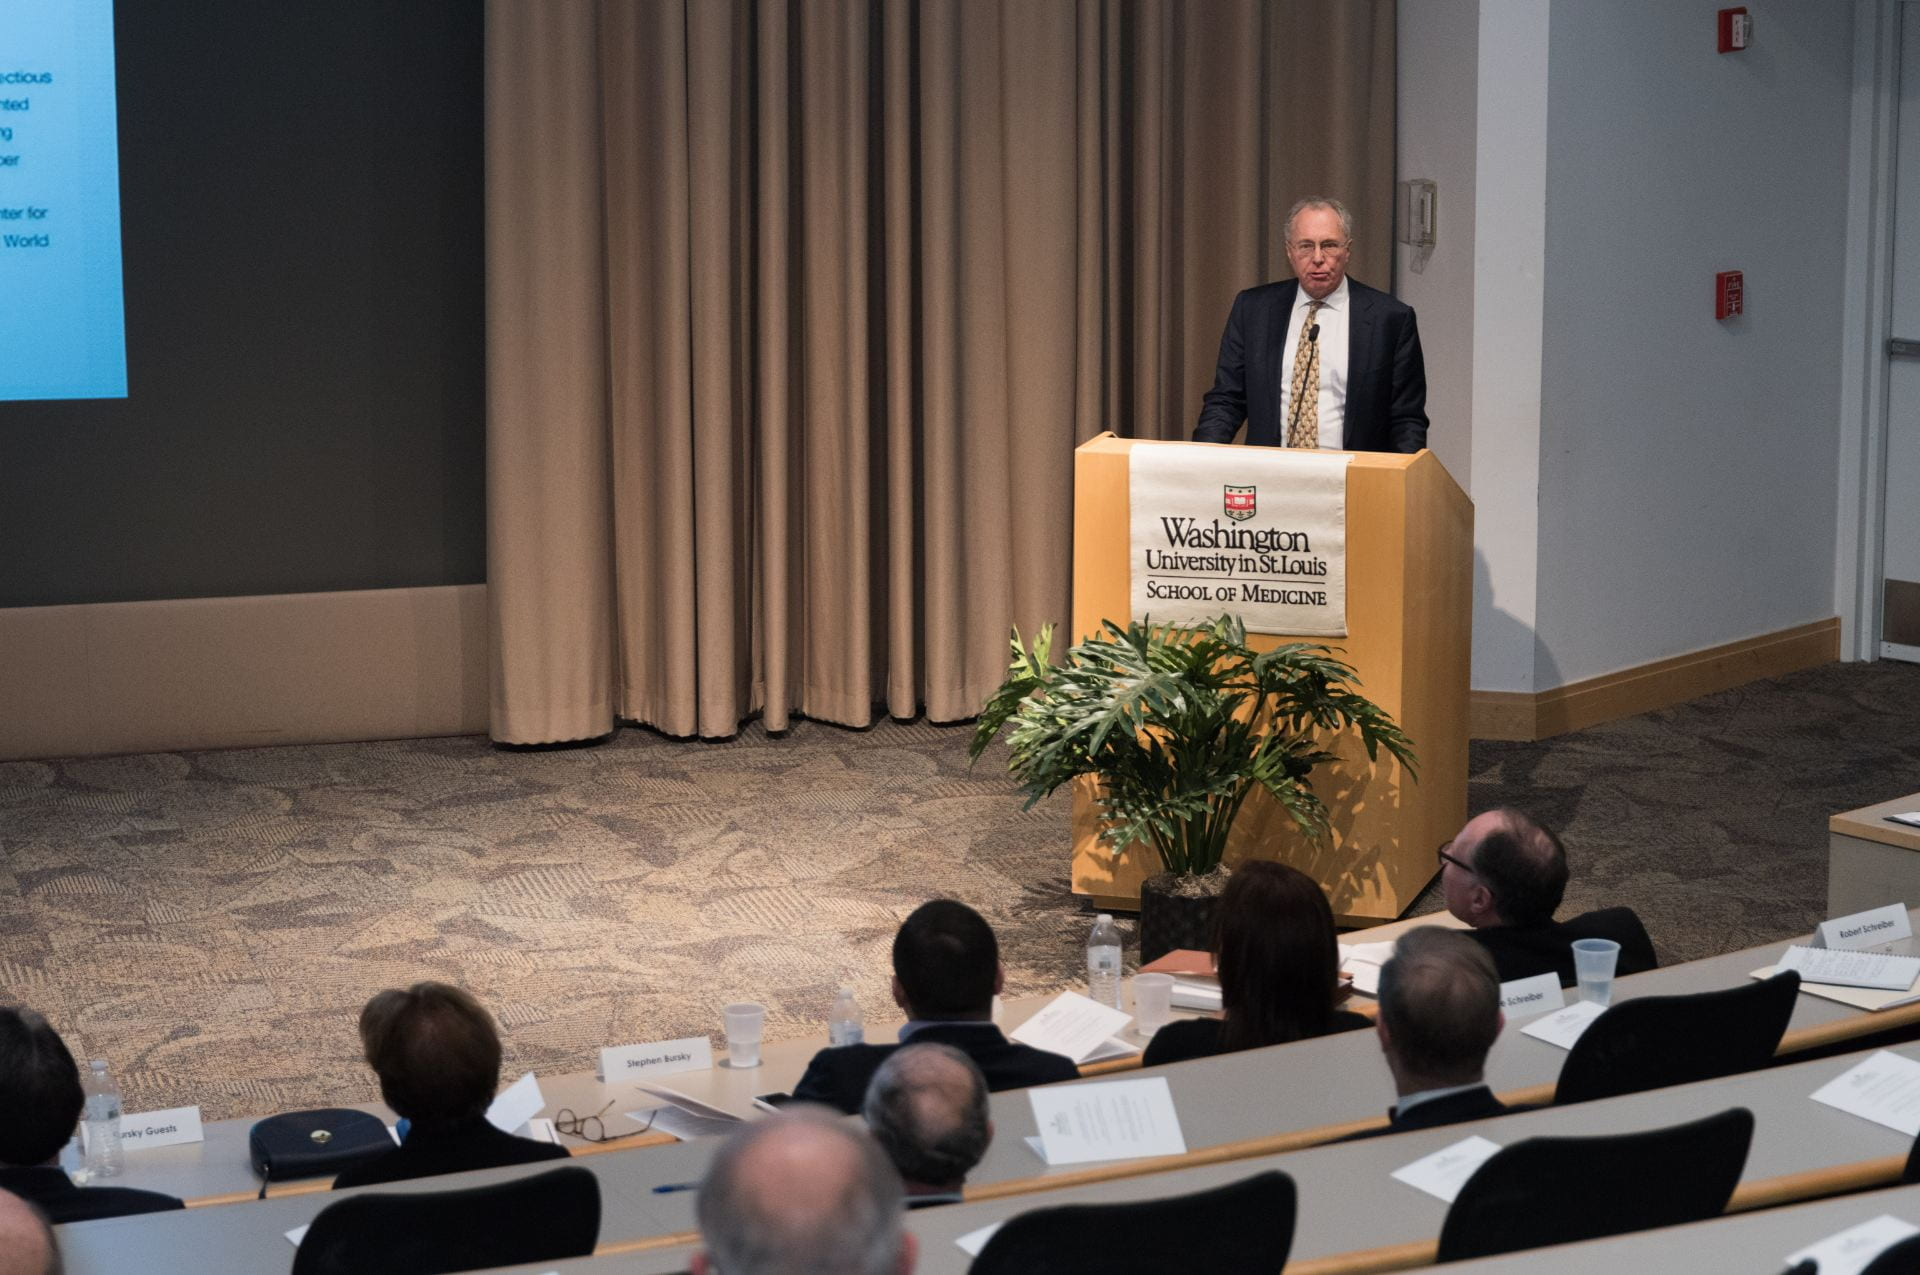 Dr. Roger Perlmutter